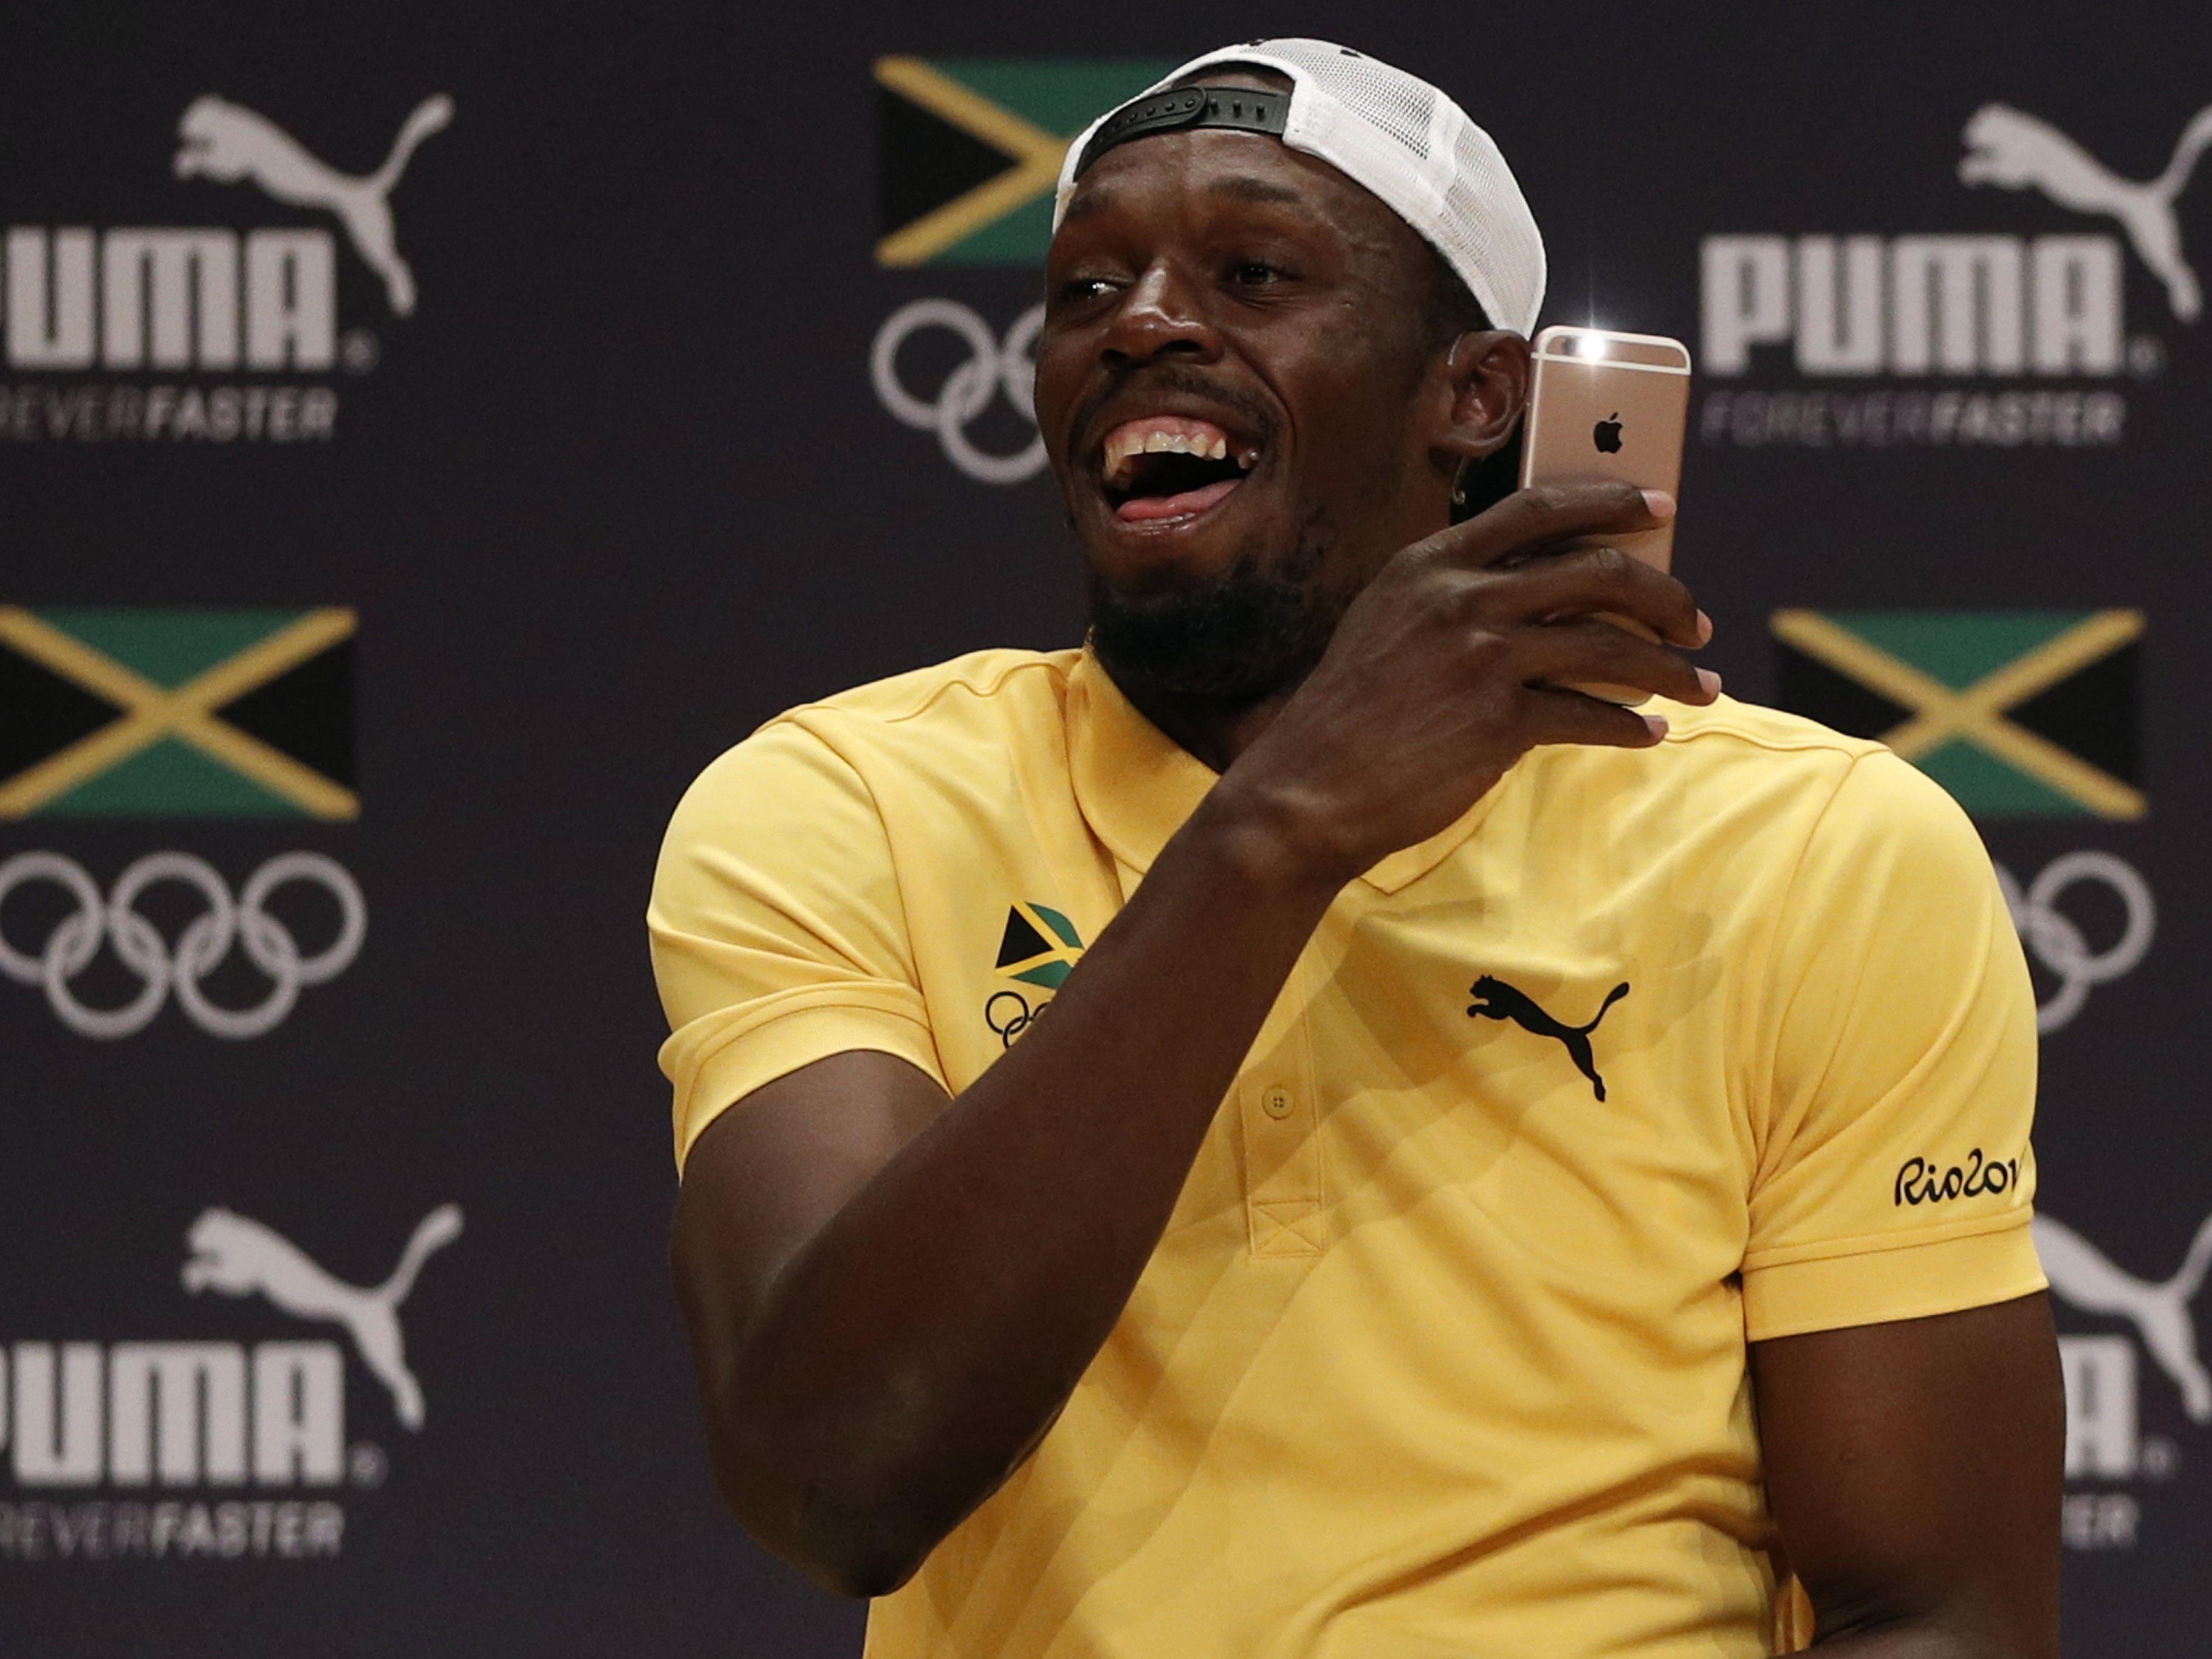 Spaßvogel Bolt nahm es mit Humor.